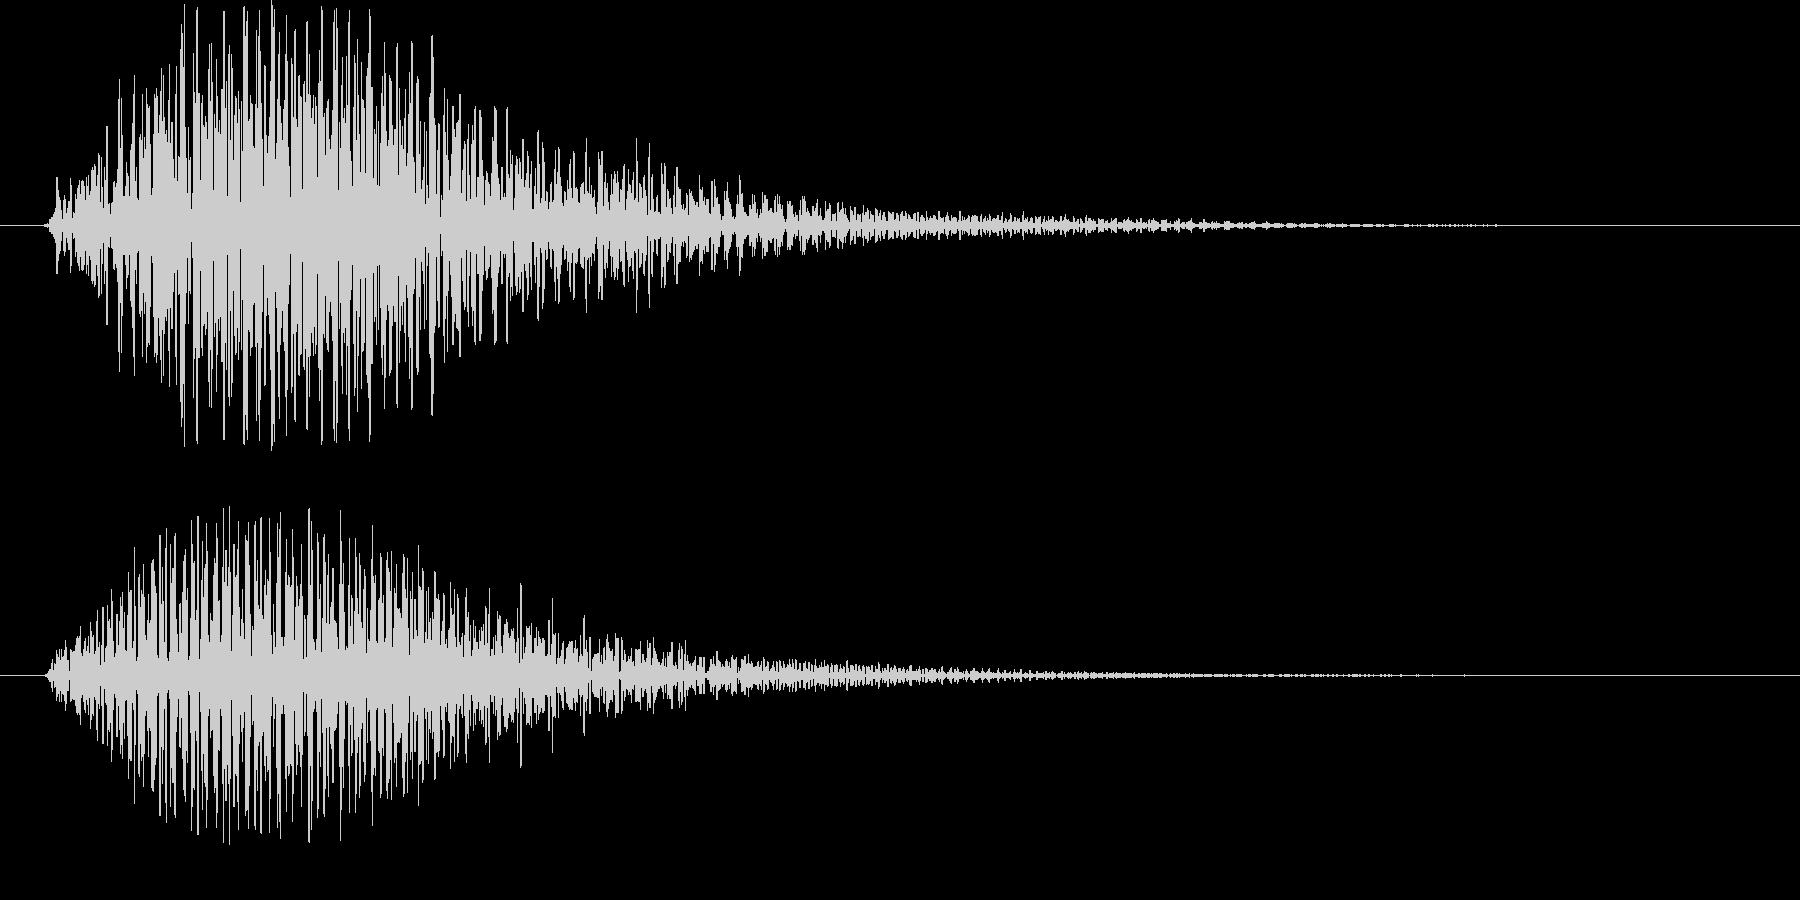 起動音やニュースなどに使えますの未再生の波形